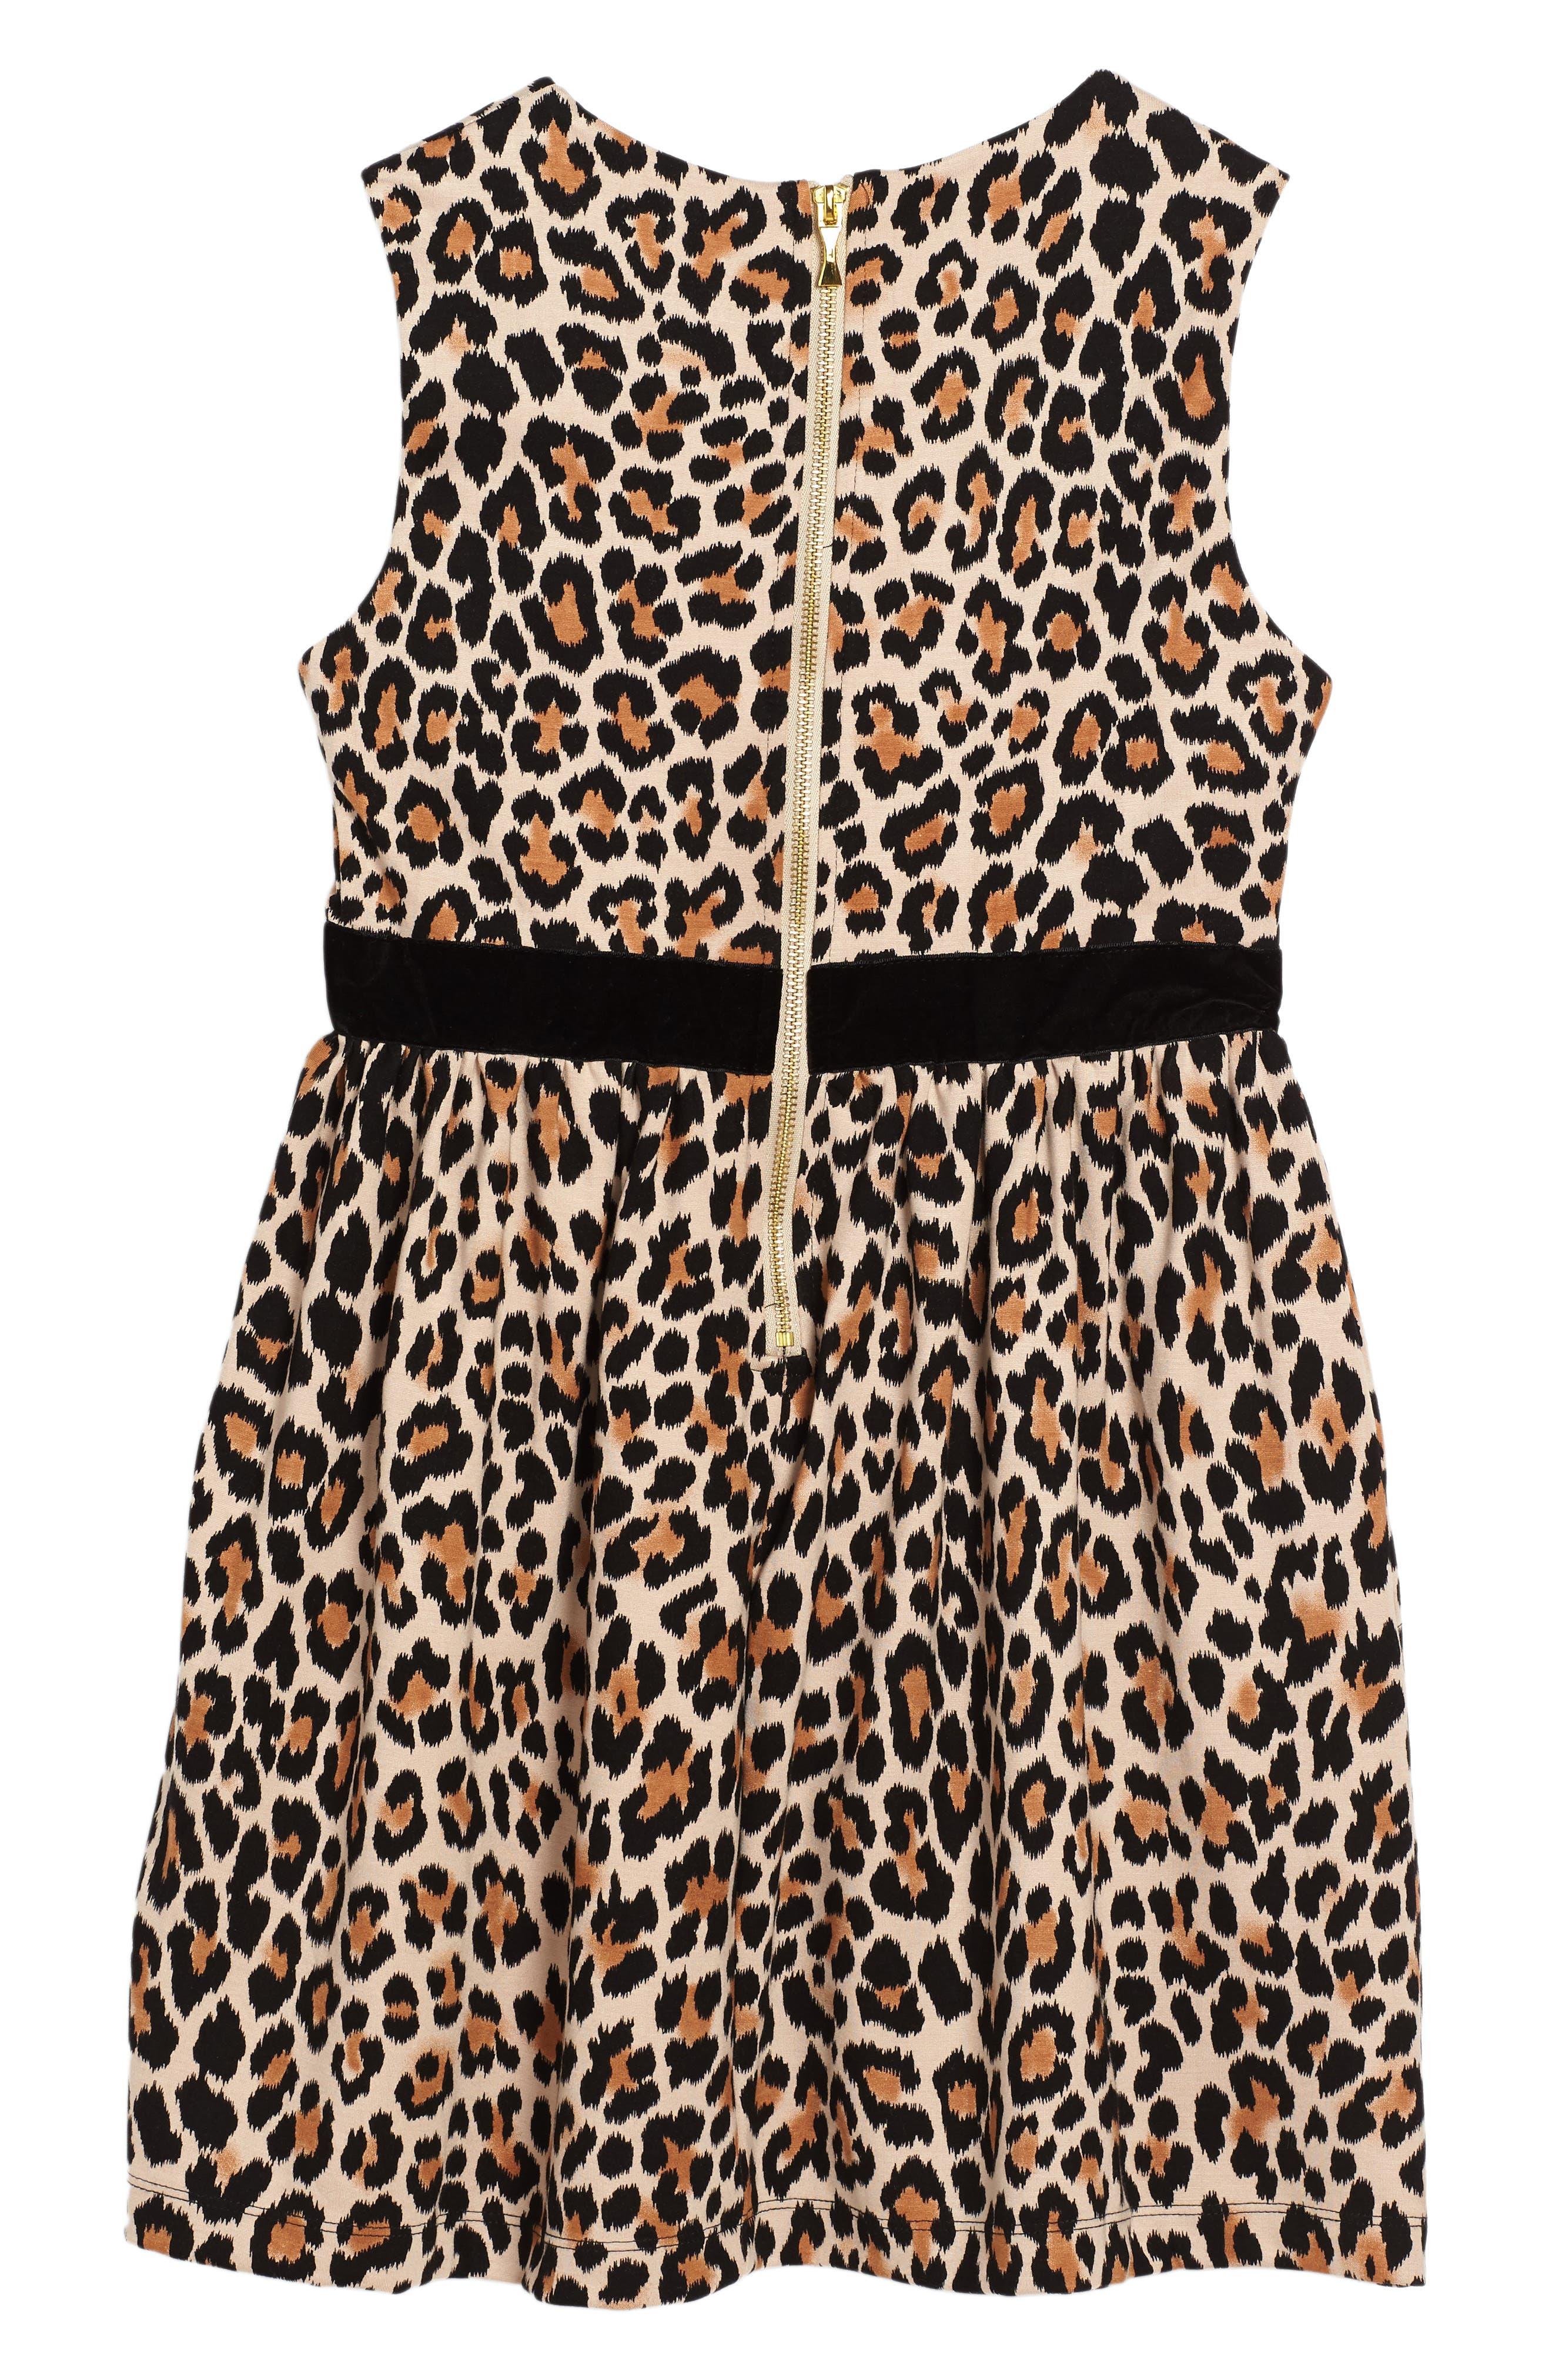 leopard print dress,                             Alternate thumbnail 2, color,                             Leopard